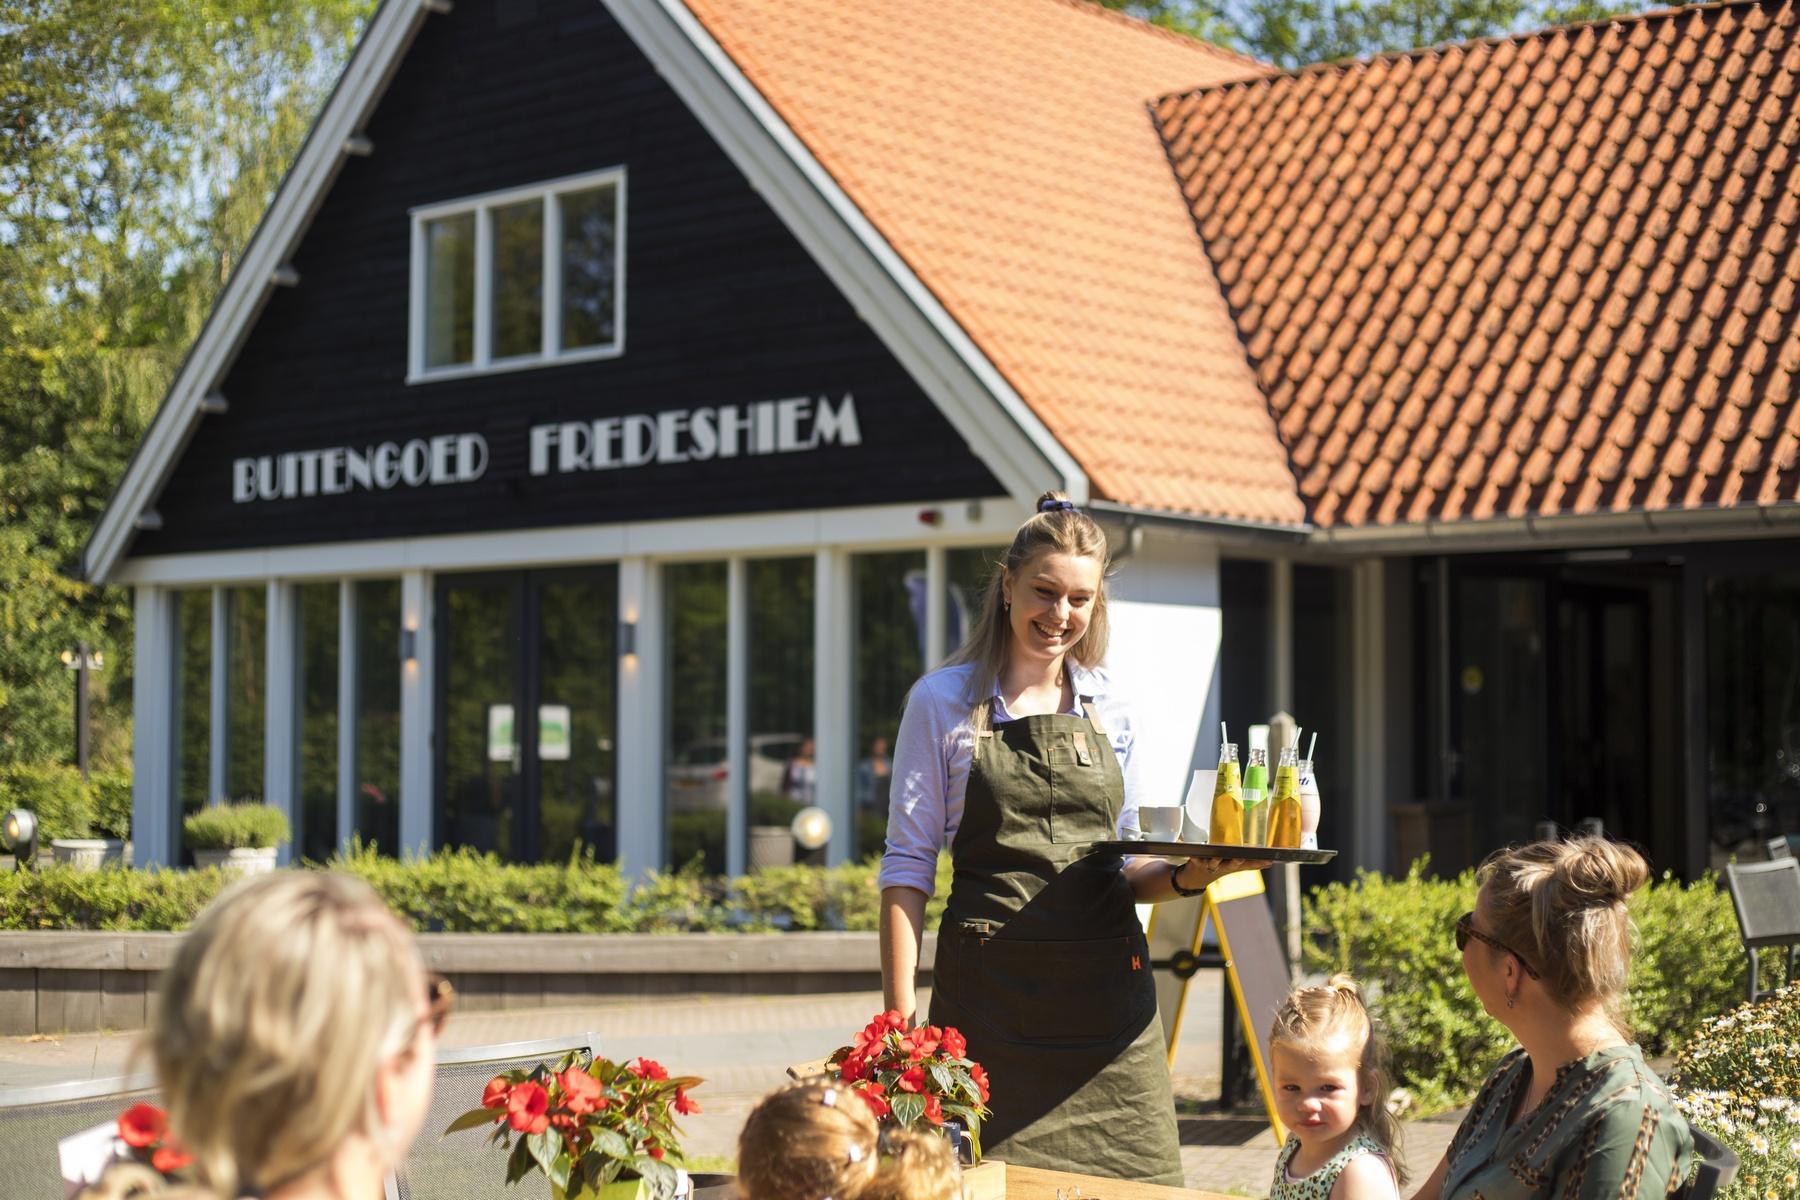 Restaurant De Bult Steenwijk Restaurant Vondel Op Fredeshiem